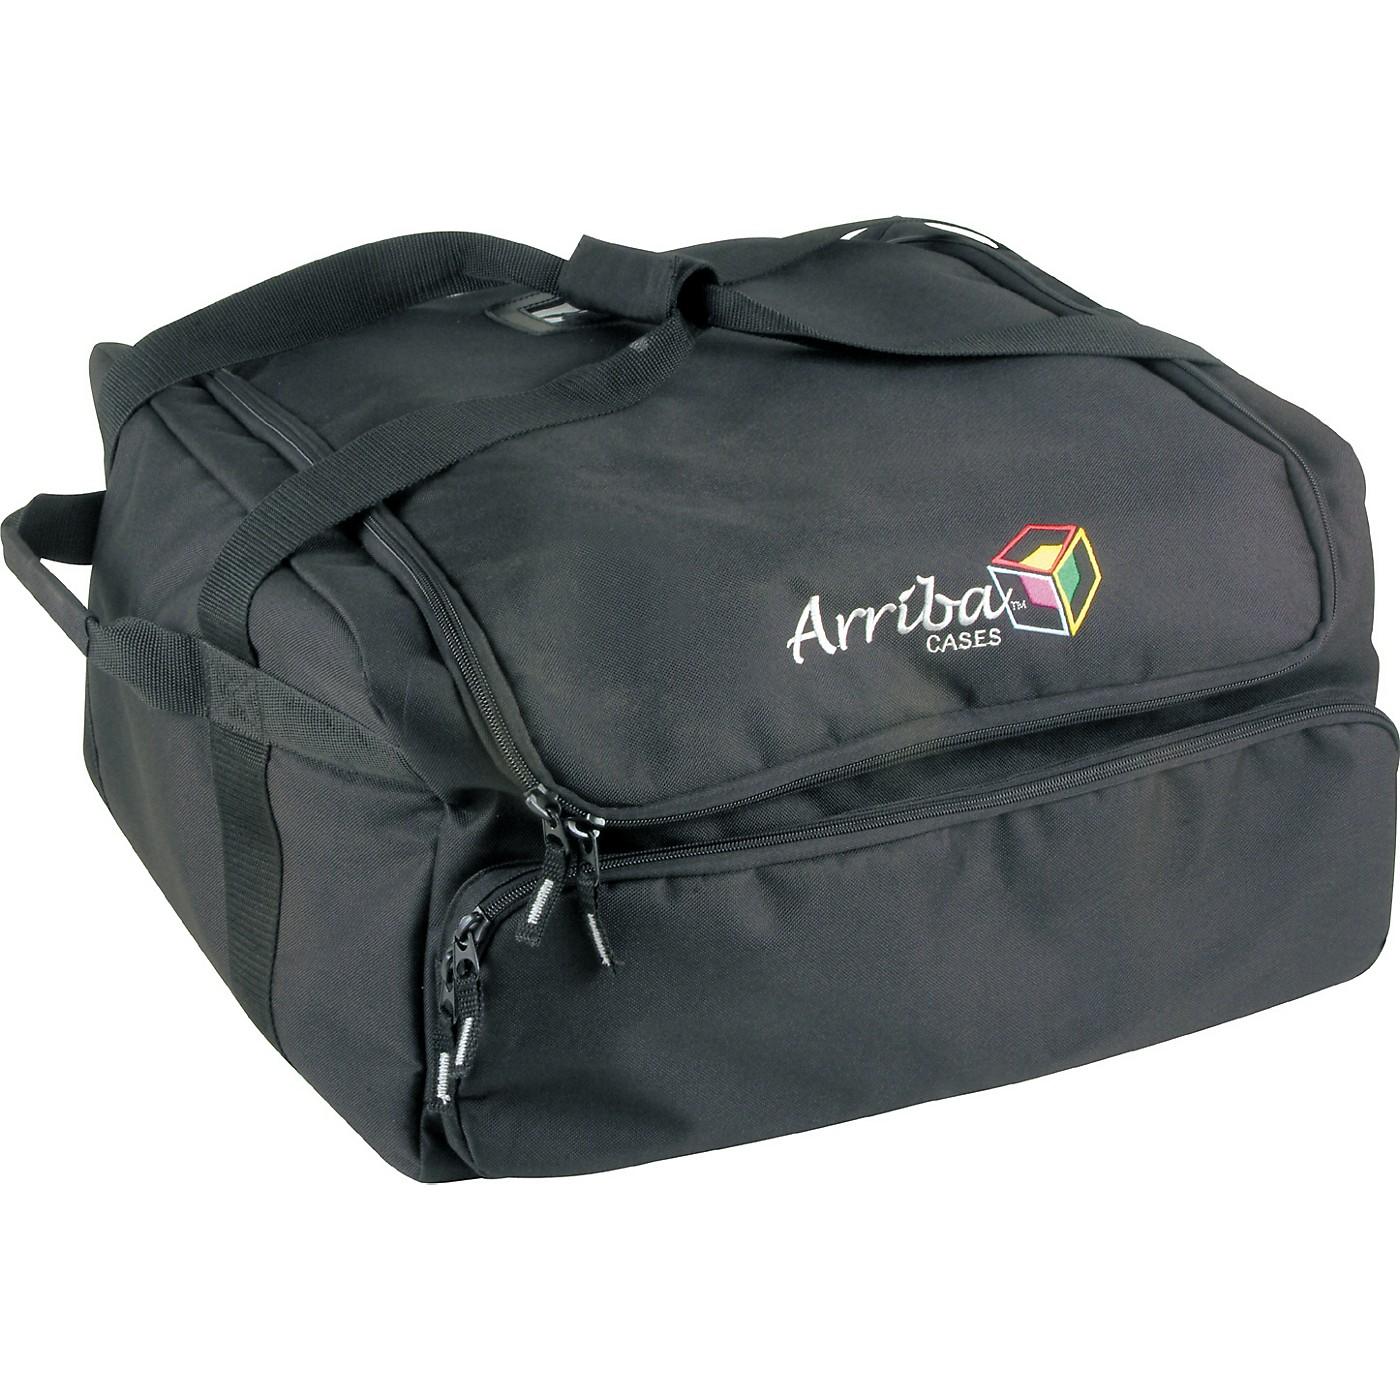 Arriba Cases AC-145 Padded Lighting Bag thumbnail